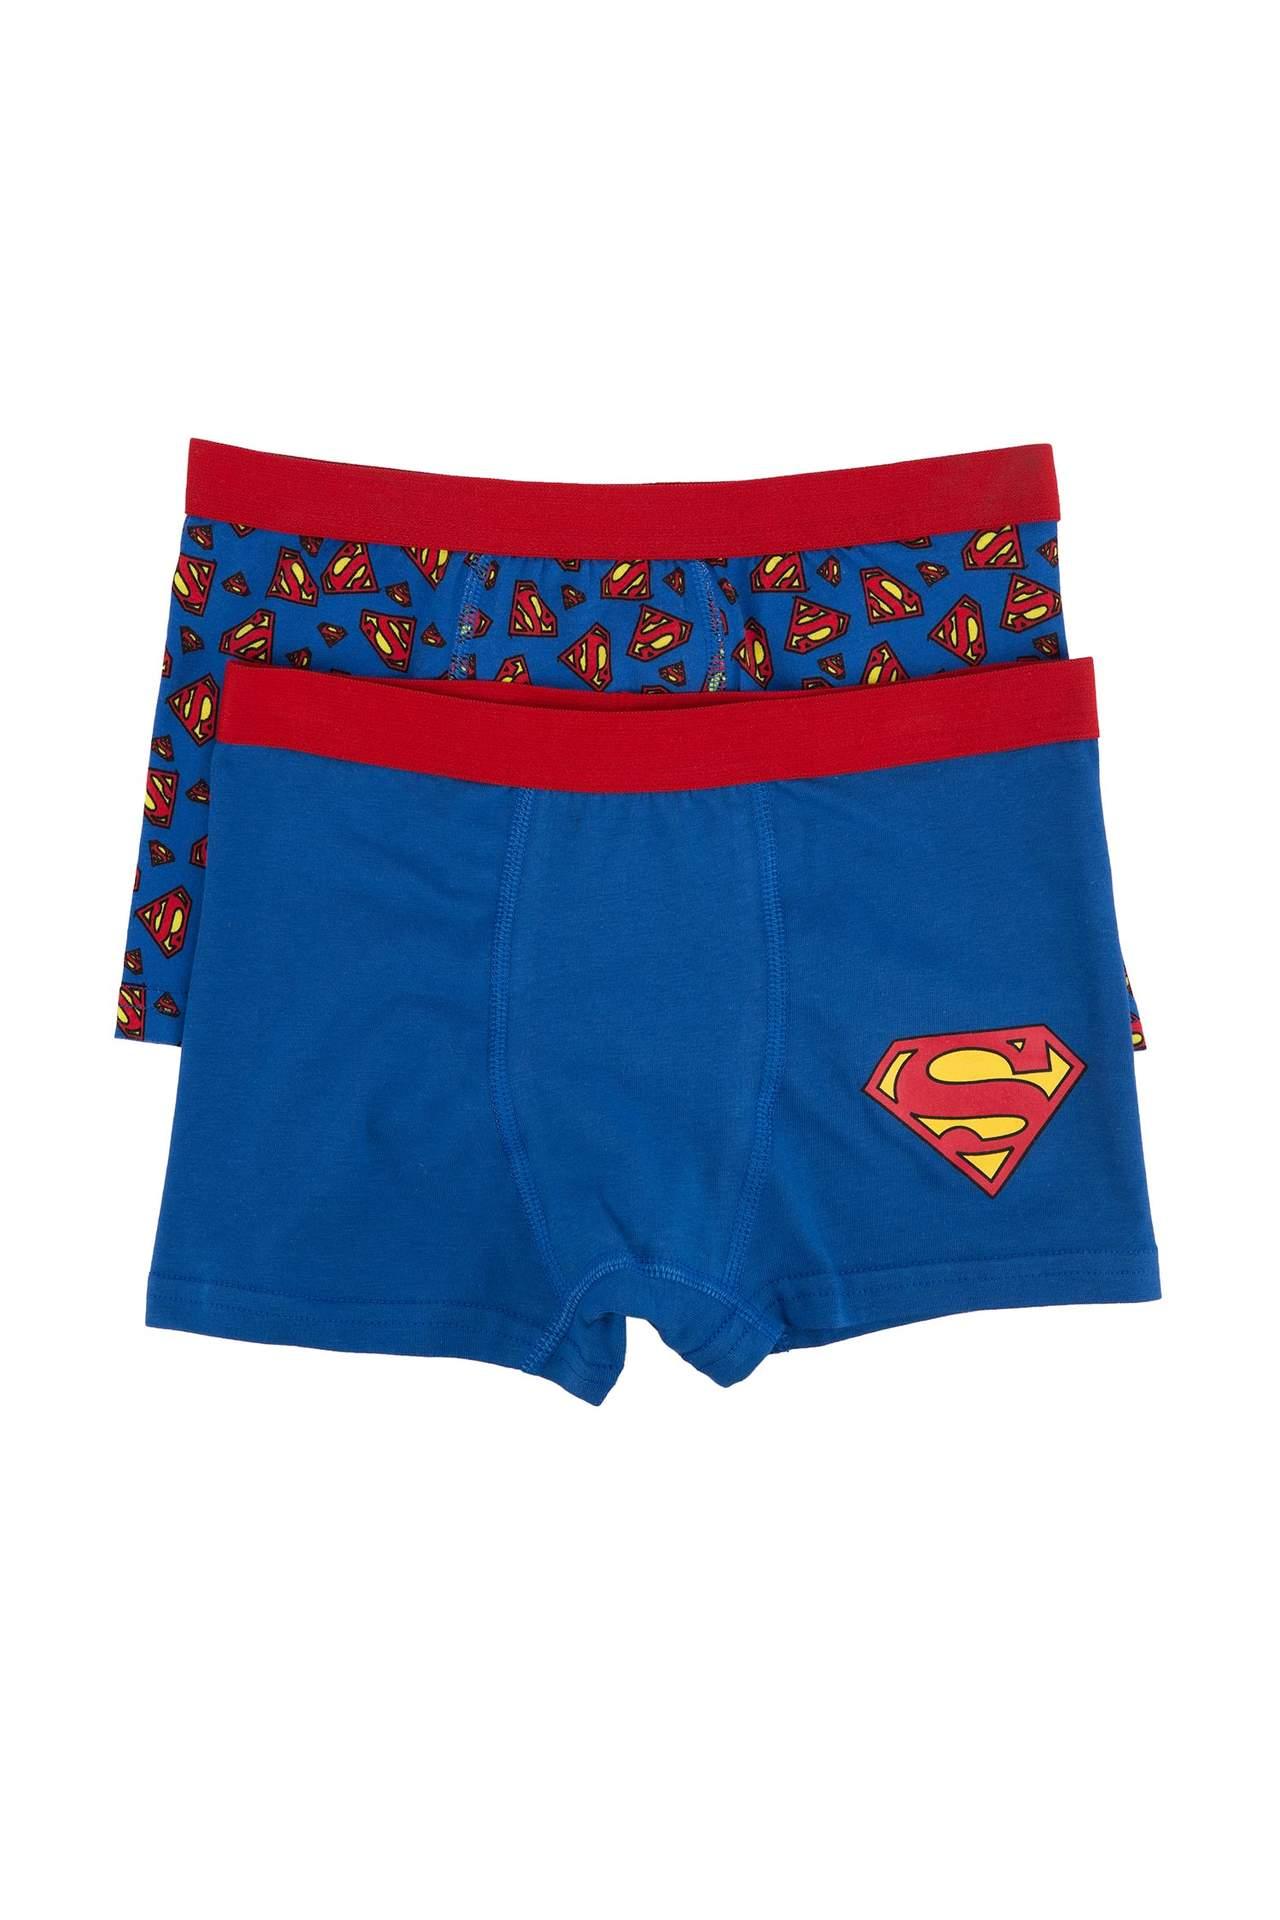 DeFacto Erkek Çocuk Superman Lisanslı Boxer Mavi male